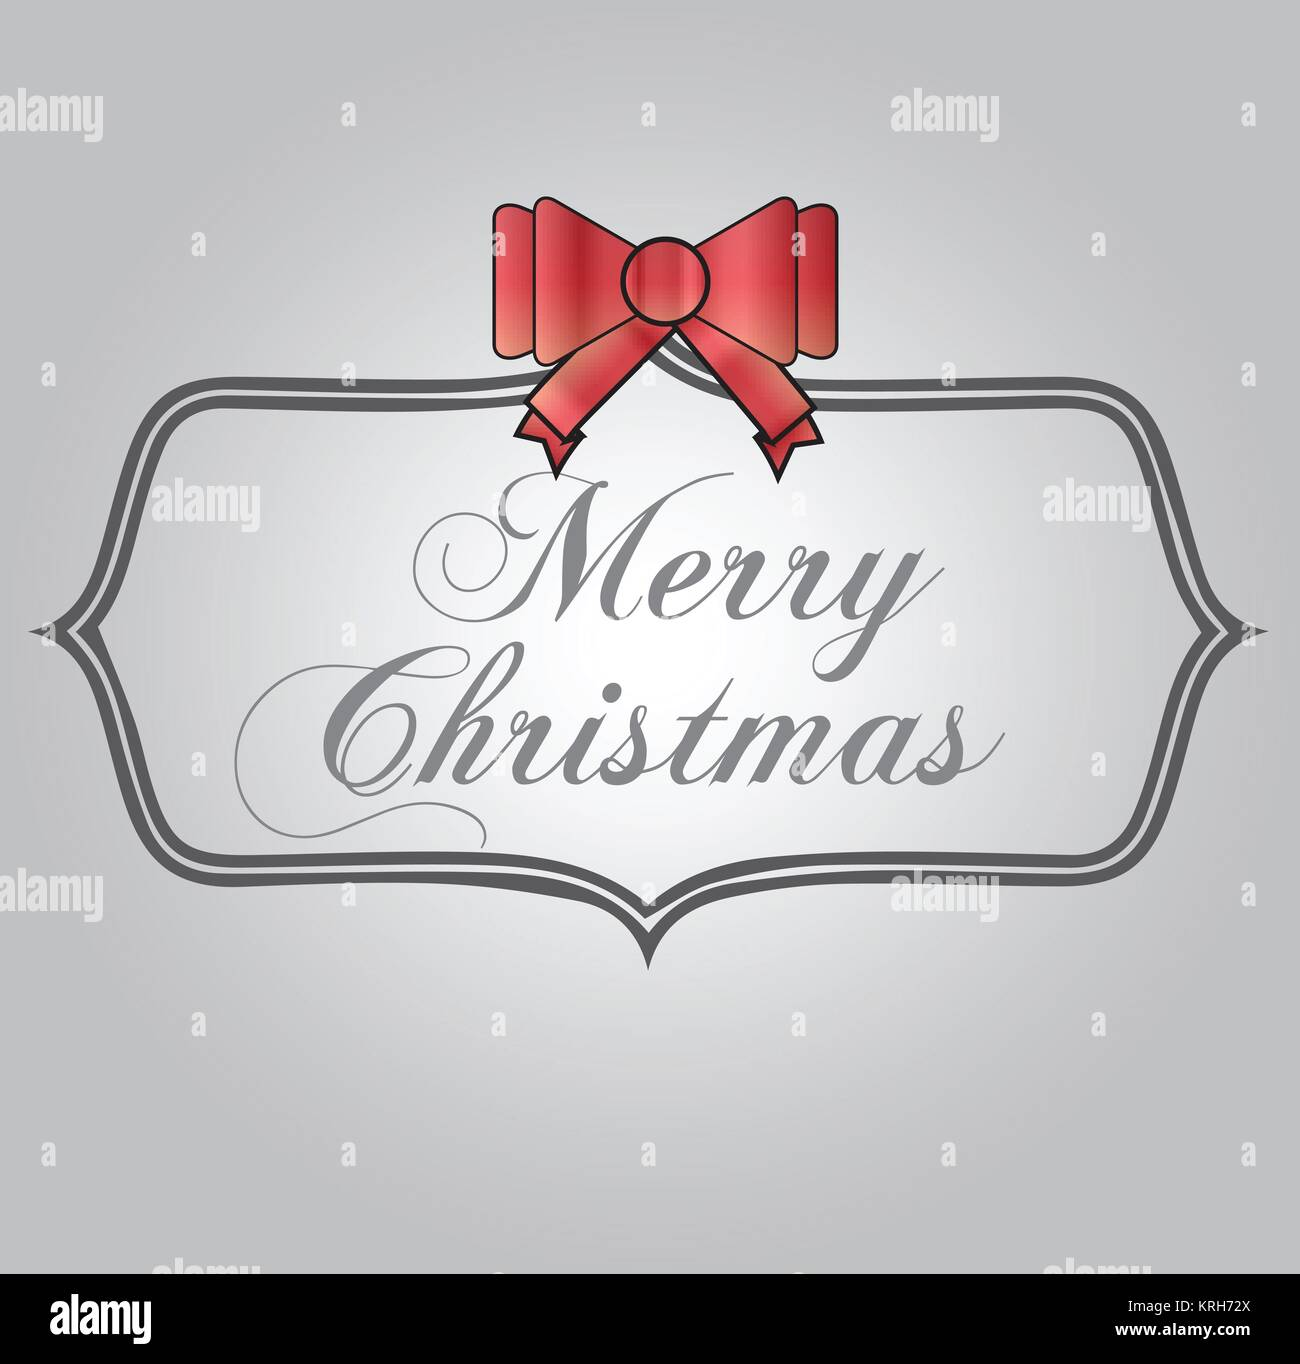 Weihnachten Zeichen Stockfoto, Bild: 169409154 - Alamy